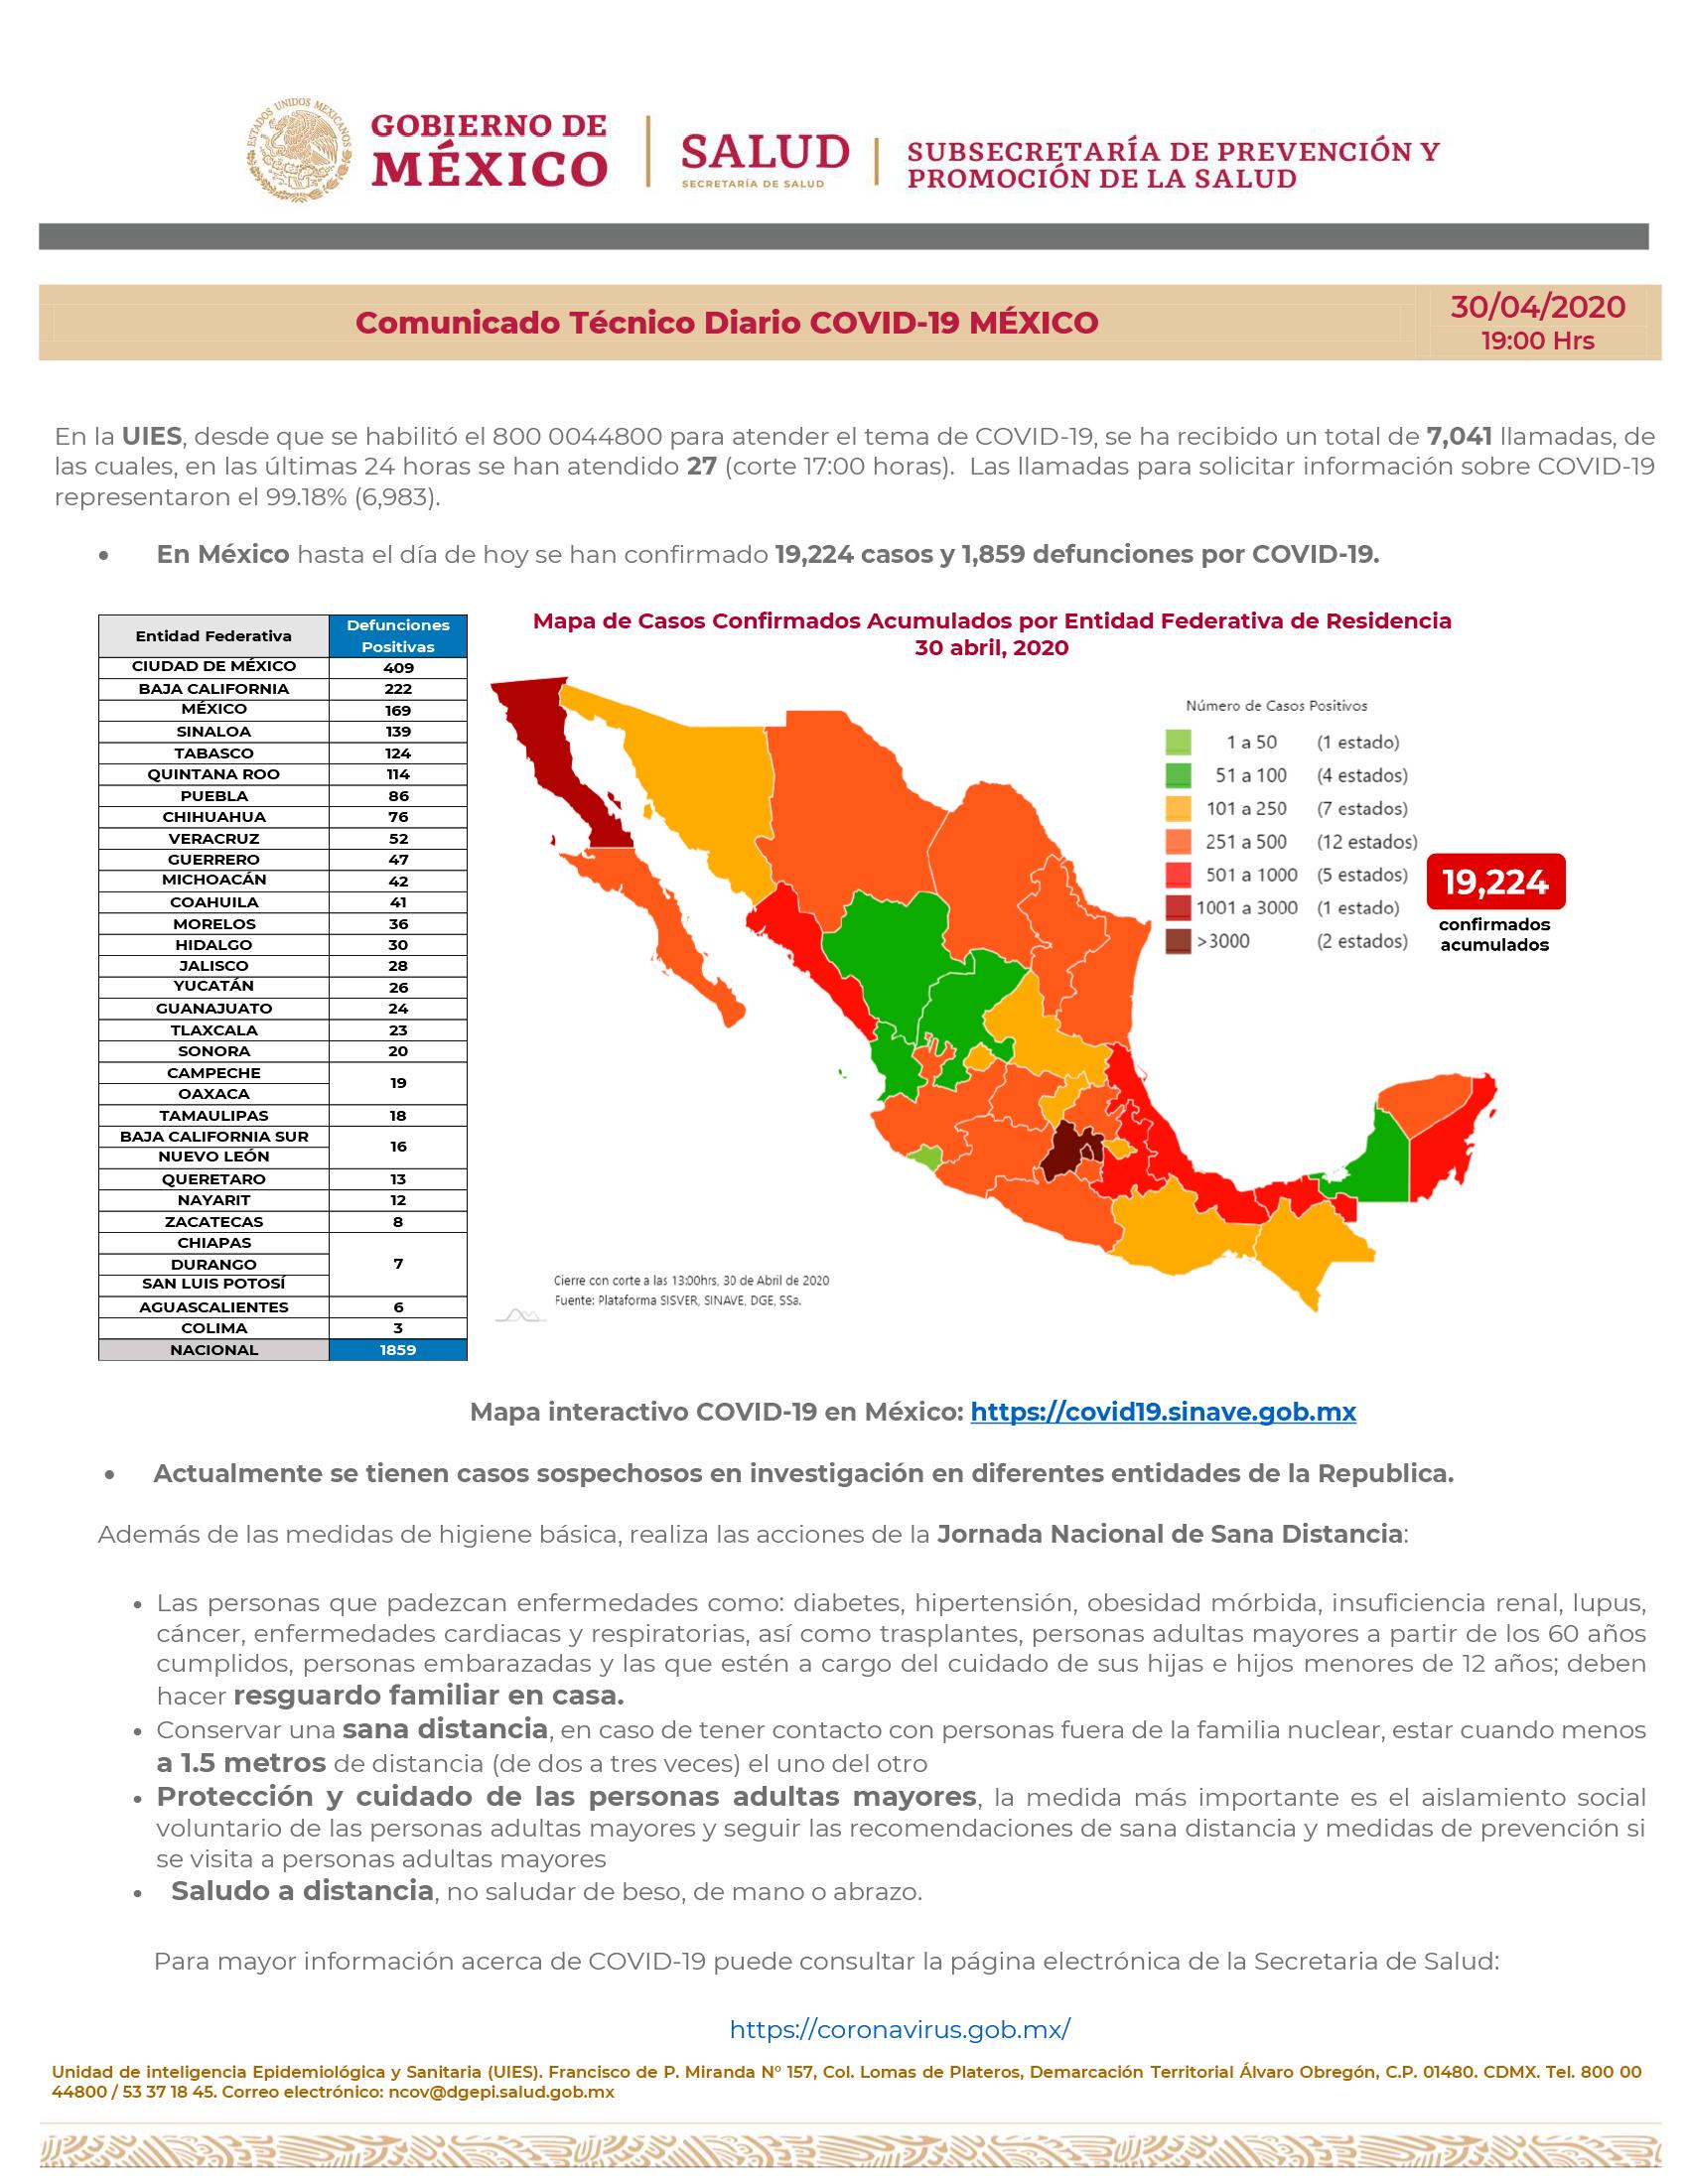 /cms/uploads/image/file/579703/Comunicado_Tecnico_Diario_COVID-19_2020.04.30-2.jpg